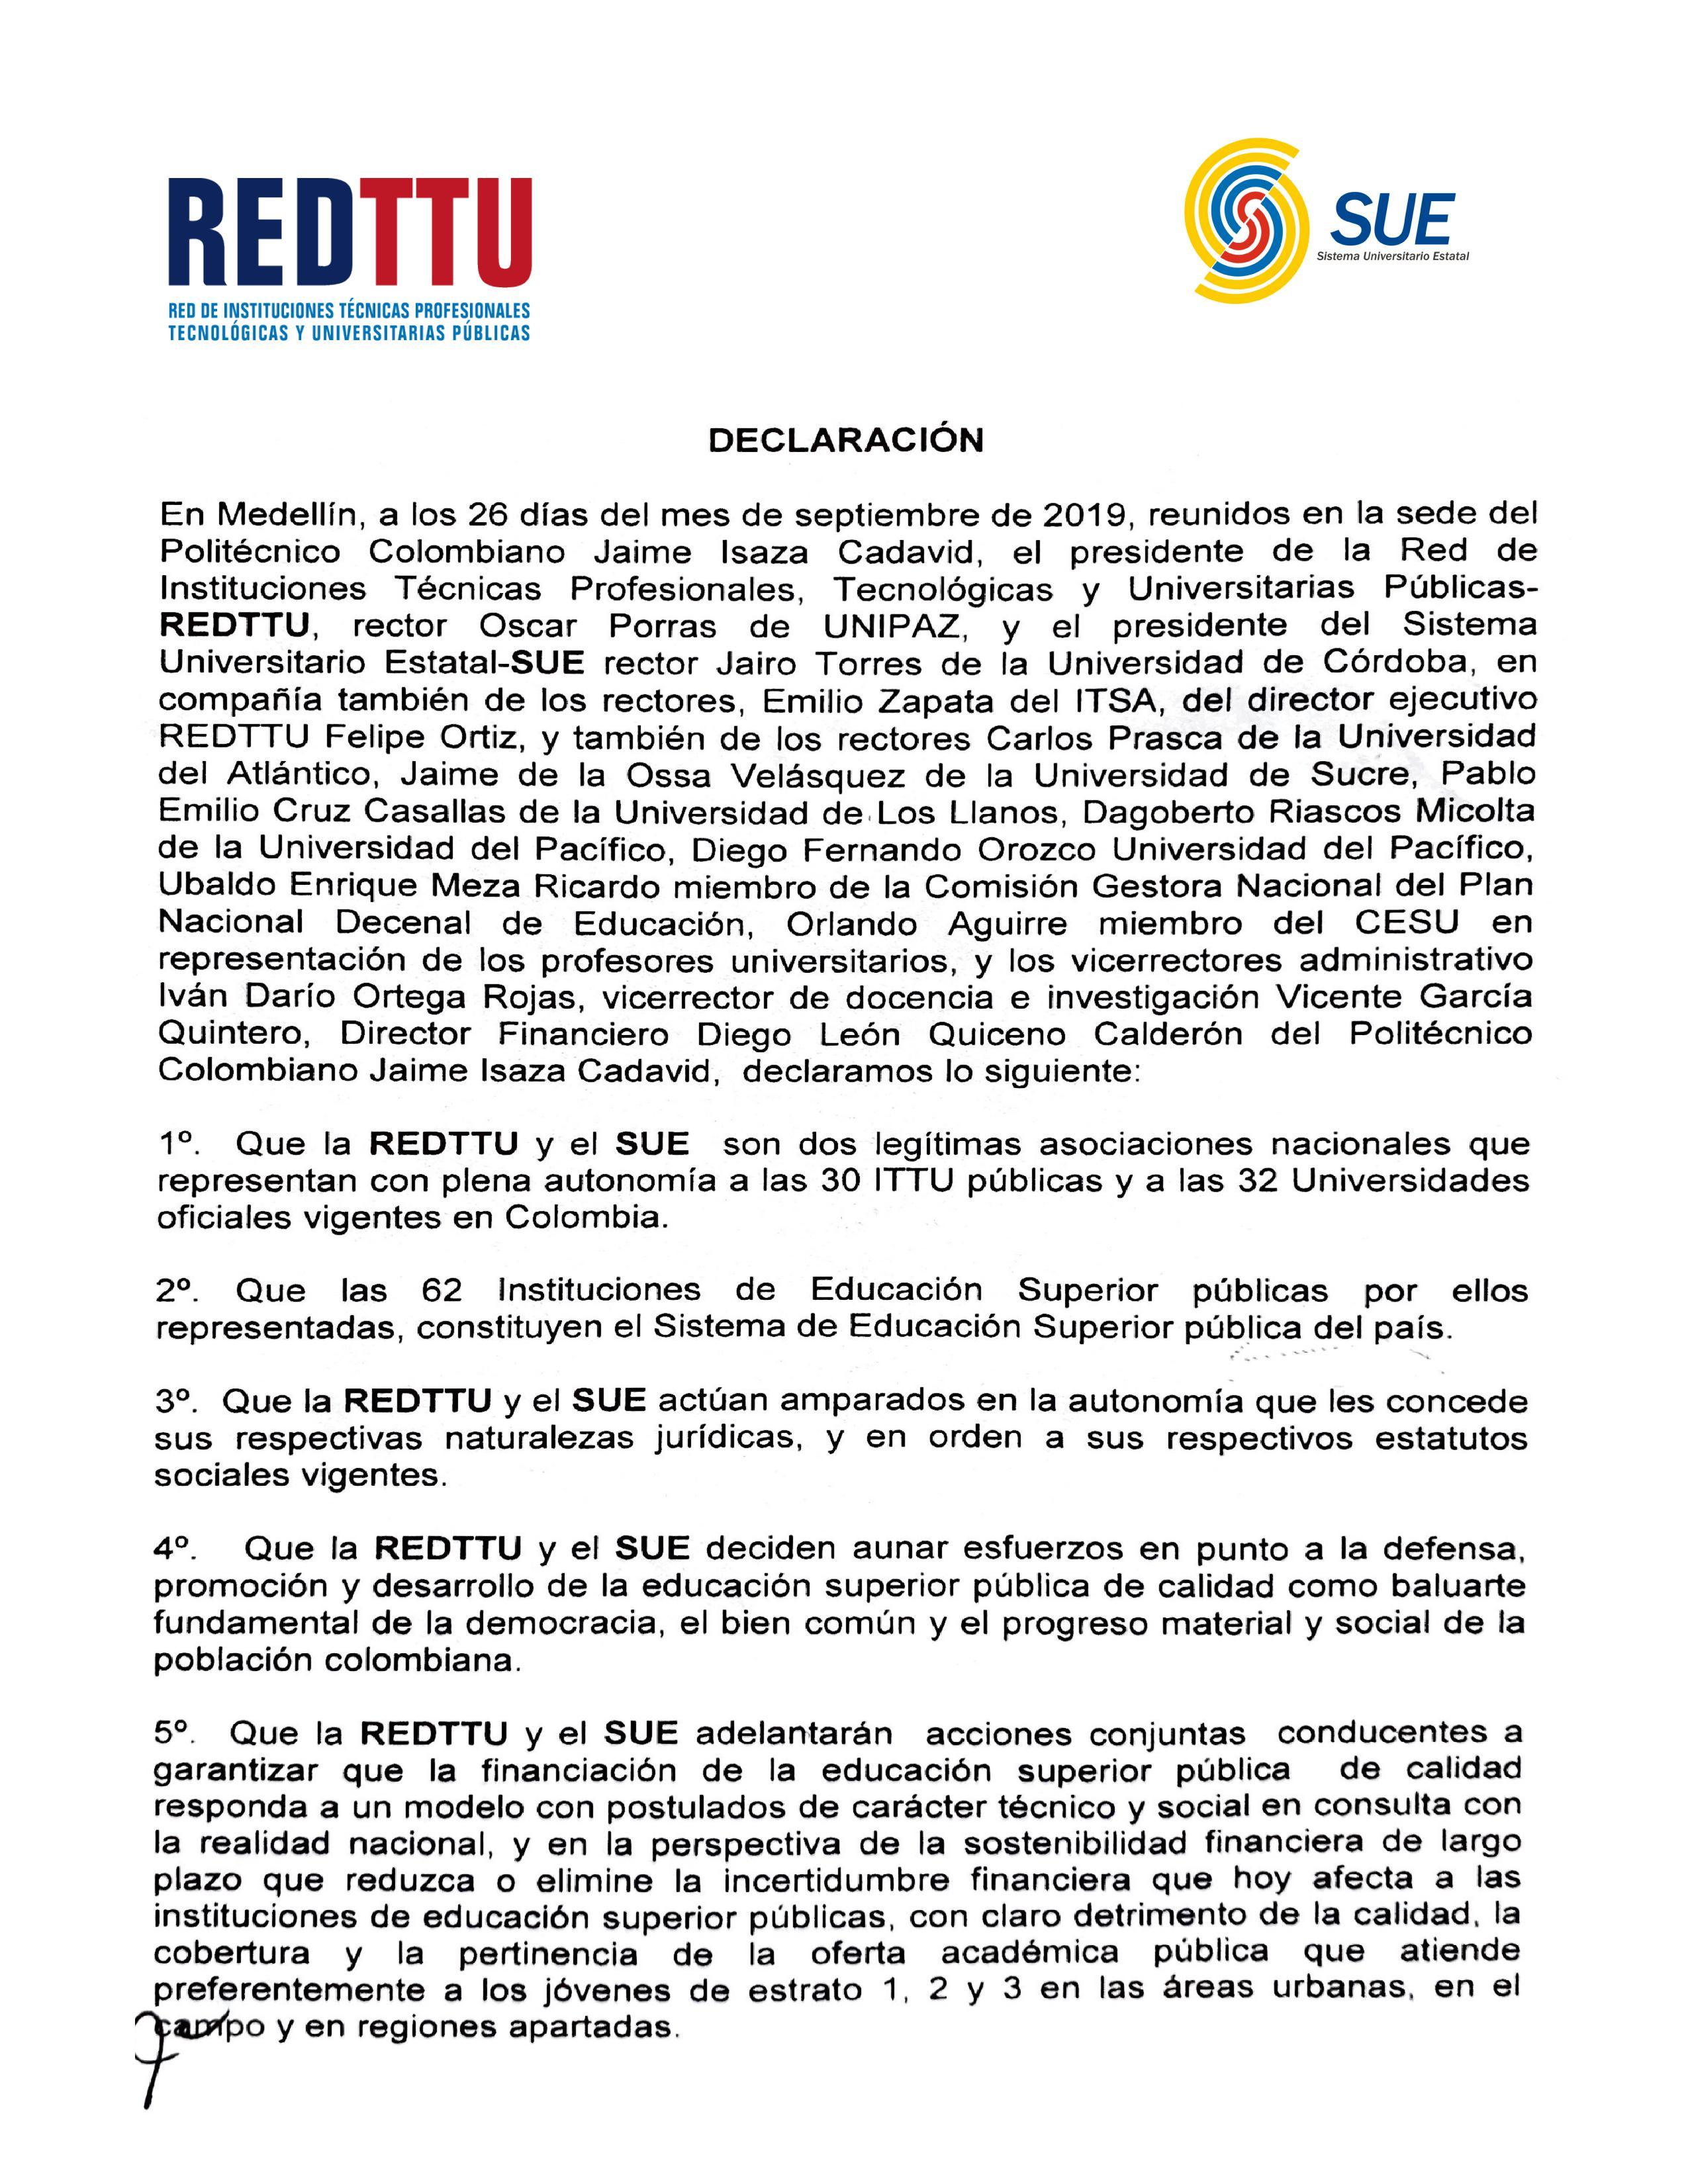 Declaración de la REDTTU y SUE hoy en Medellín.